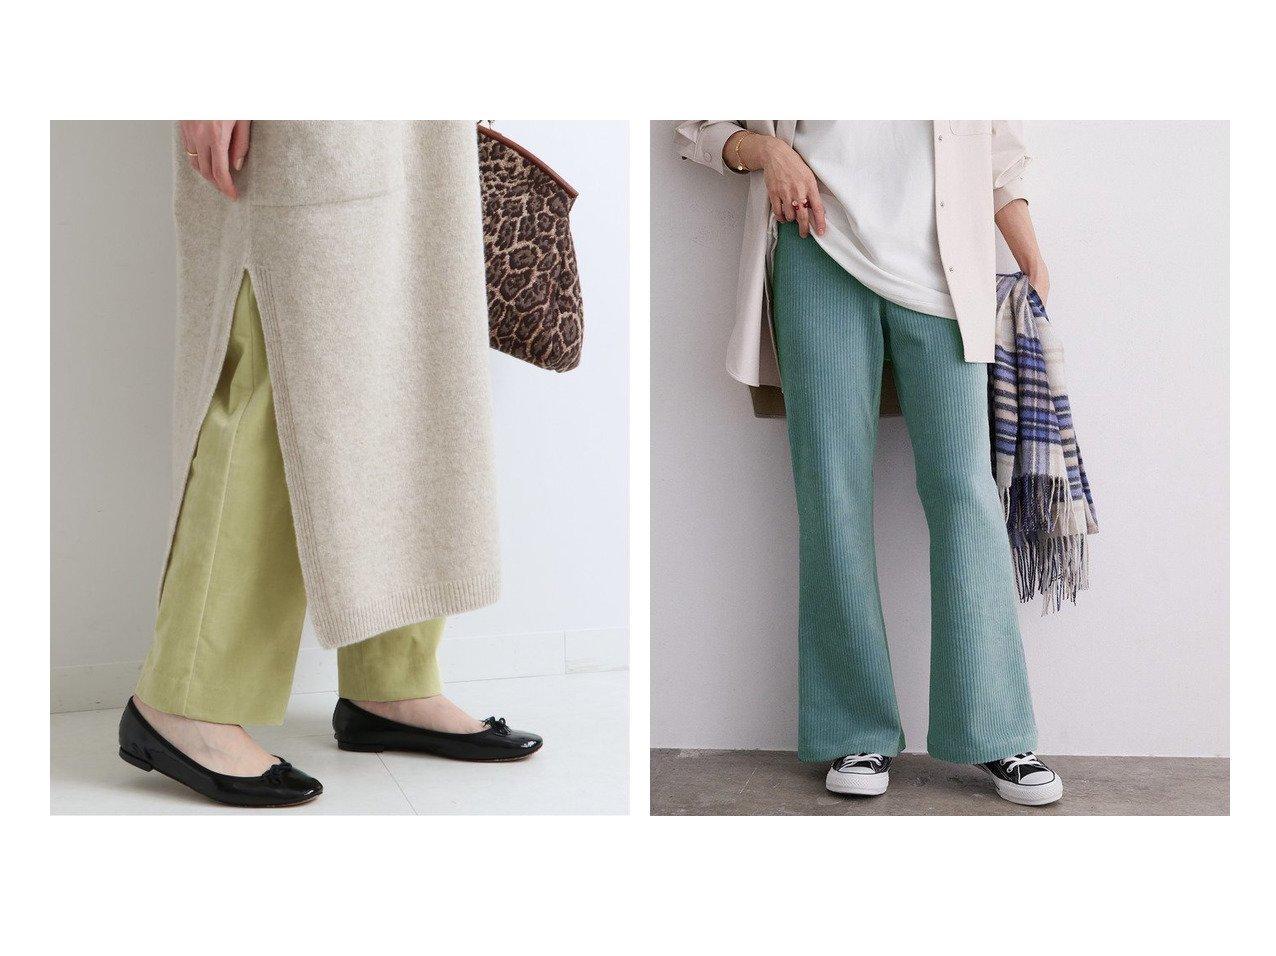 【ROPE' mademoiselle/ロペ マドモアゼル】のコーデュロイジャージーパンツ&【IENA/イエナ】の別珍ストレッチ パンツ パンツのおすすめ!人気、レディースファッションの通販  おすすめで人気のファッション通販商品 インテリア・家具・キッズファッション・メンズファッション・レディースファッション・服の通販 founy(ファニー) https://founy.com/ ファッション Fashion レディース WOMEN パンツ Pants 秋冬 A/W Autumn/ Winter ストレッチ スリム ボトム 冬 Winter 別注 コーデュロイ シェイプ ショート スニーカー フィット リラックス レギンス |ID:crp329100000003981